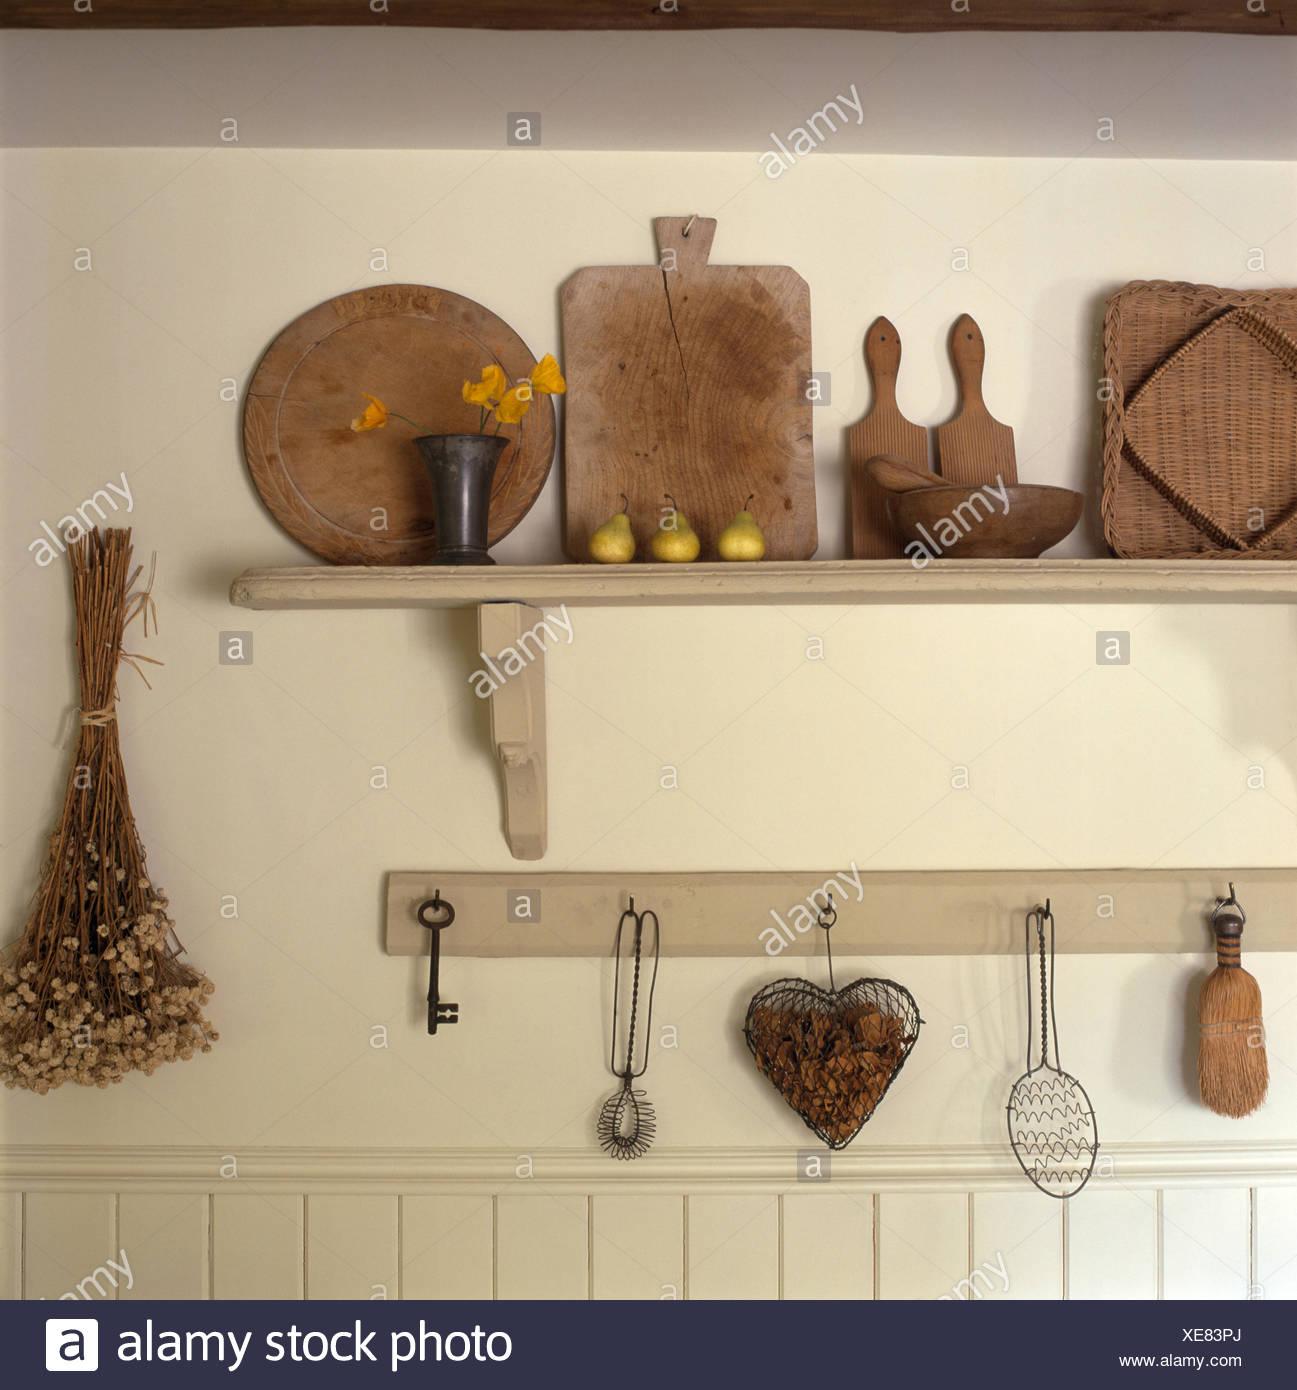 Nett Einfachen Stil Küchenschränke Galerie - Ideen Für Die Küche ...